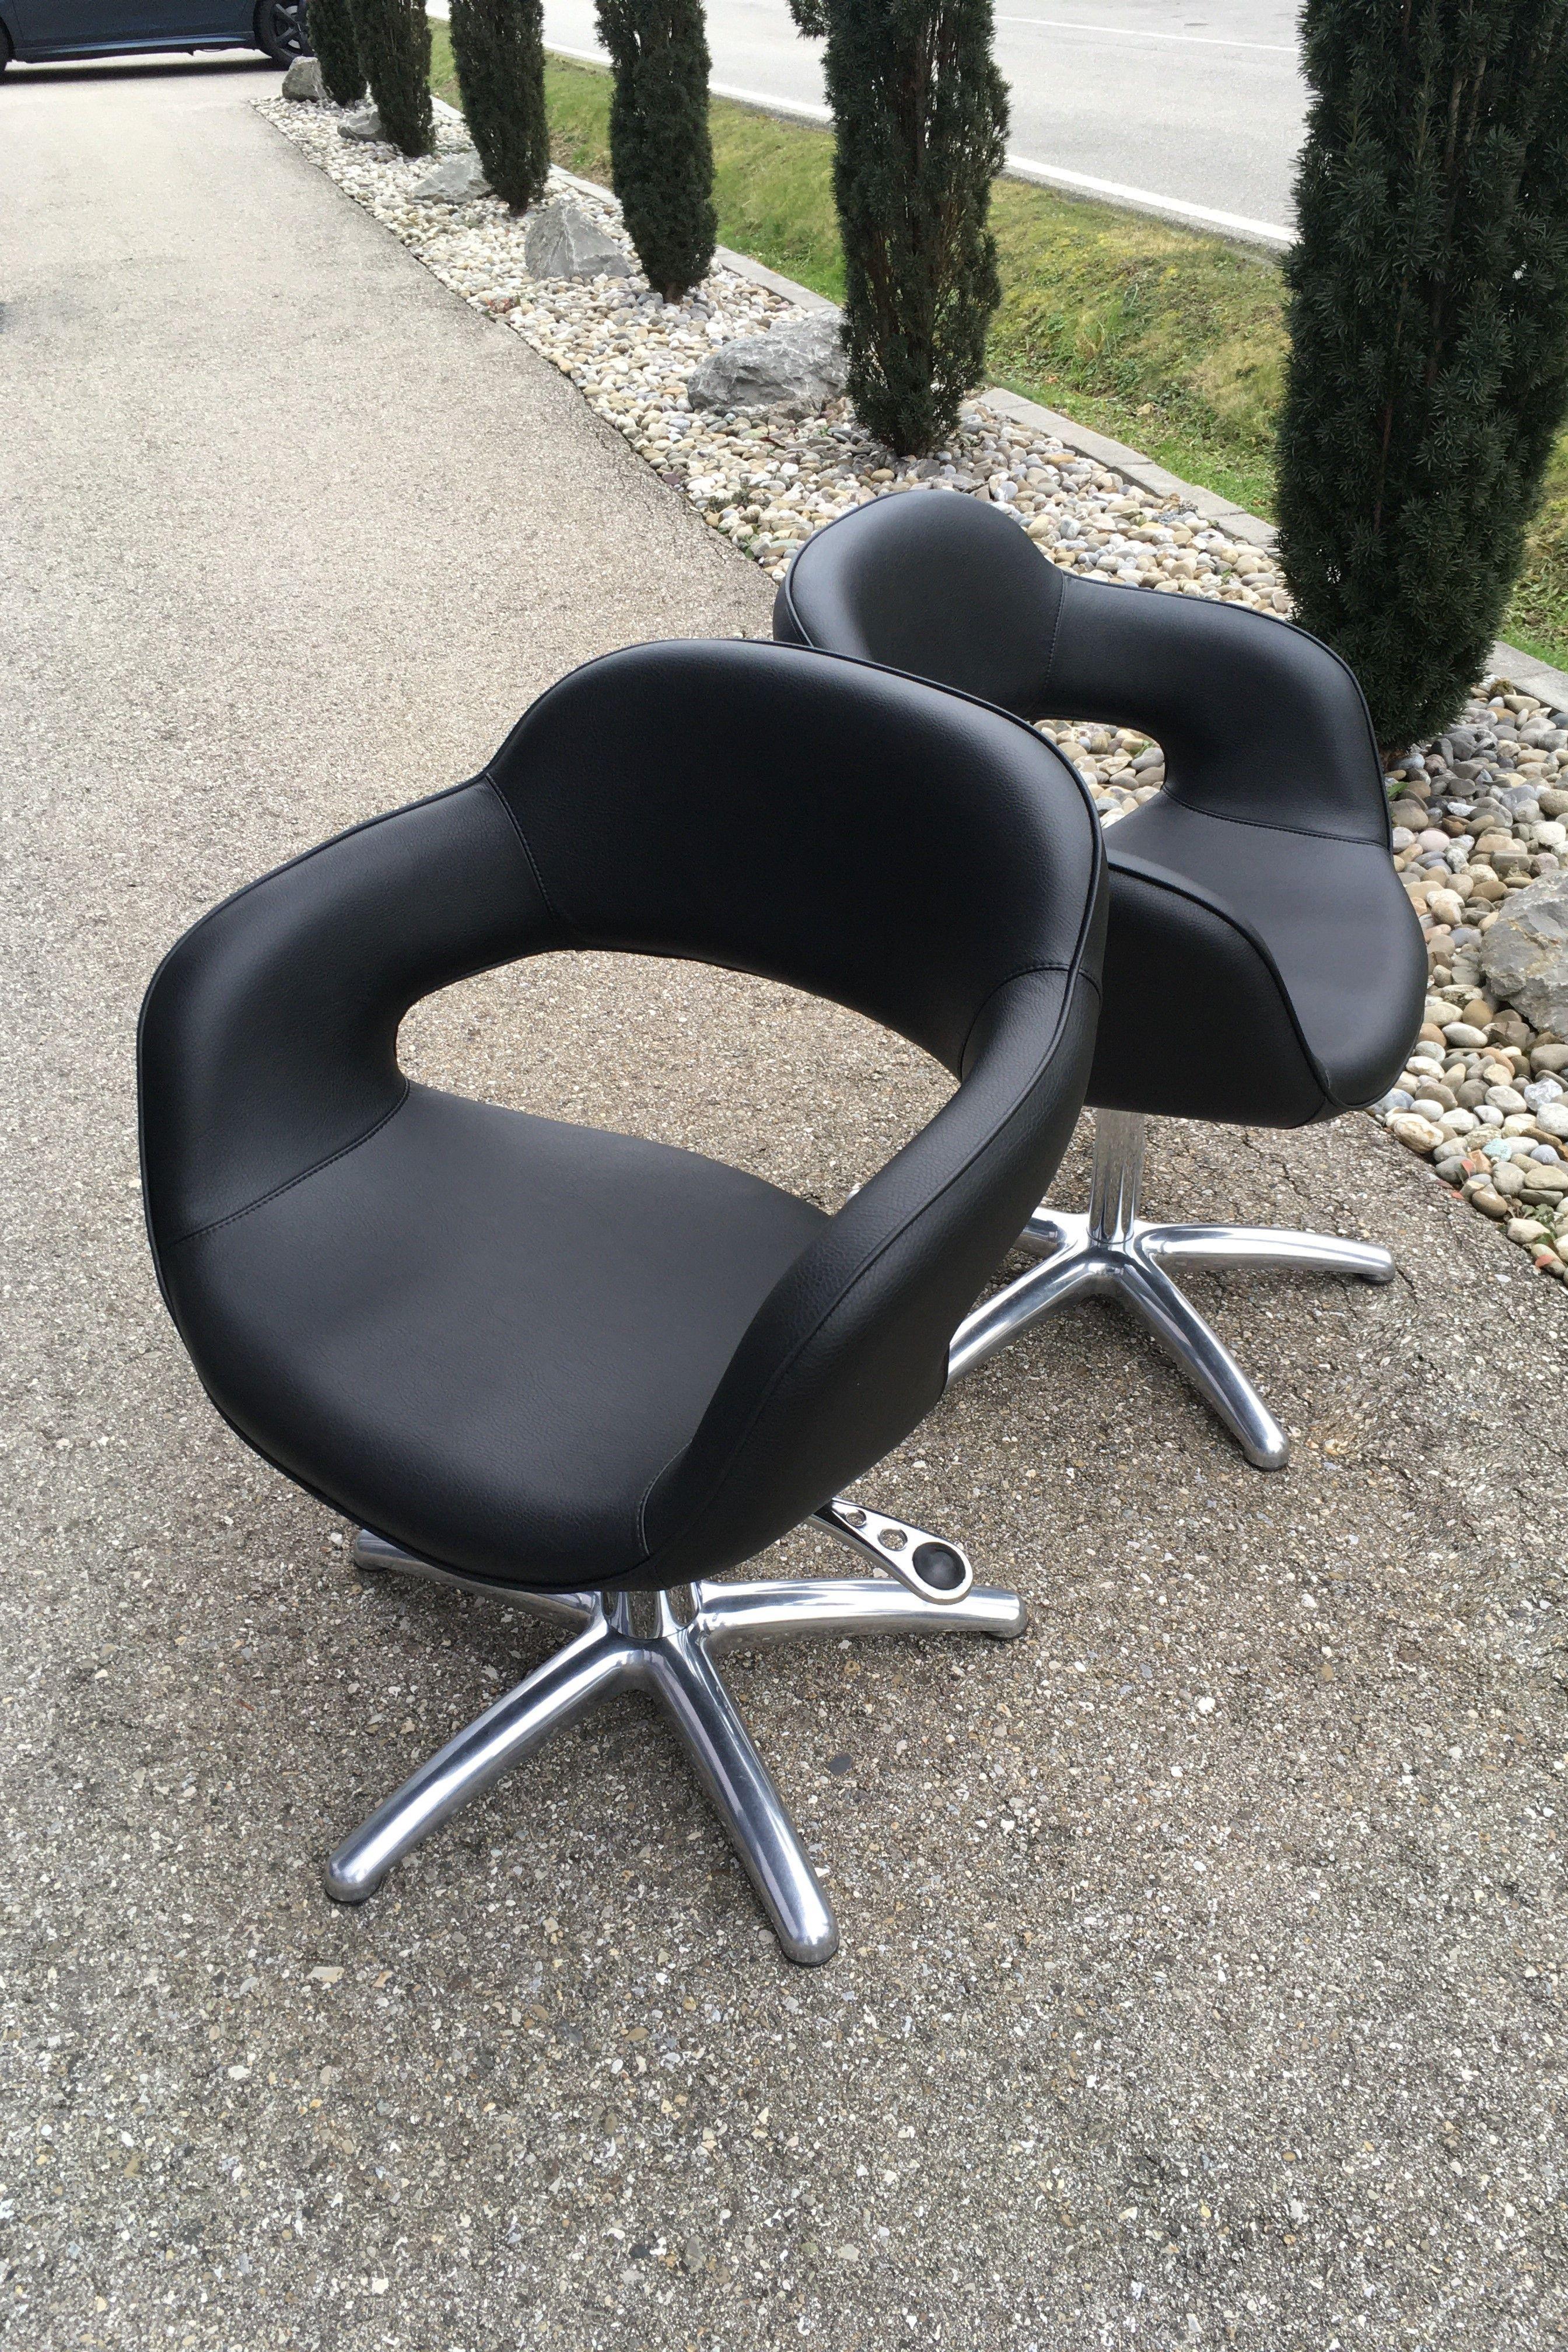 Coiffeurstühle Neu überziehen In Speziellem Kunstleder Polsterei Sessel Neu Beziehen Lederstühle